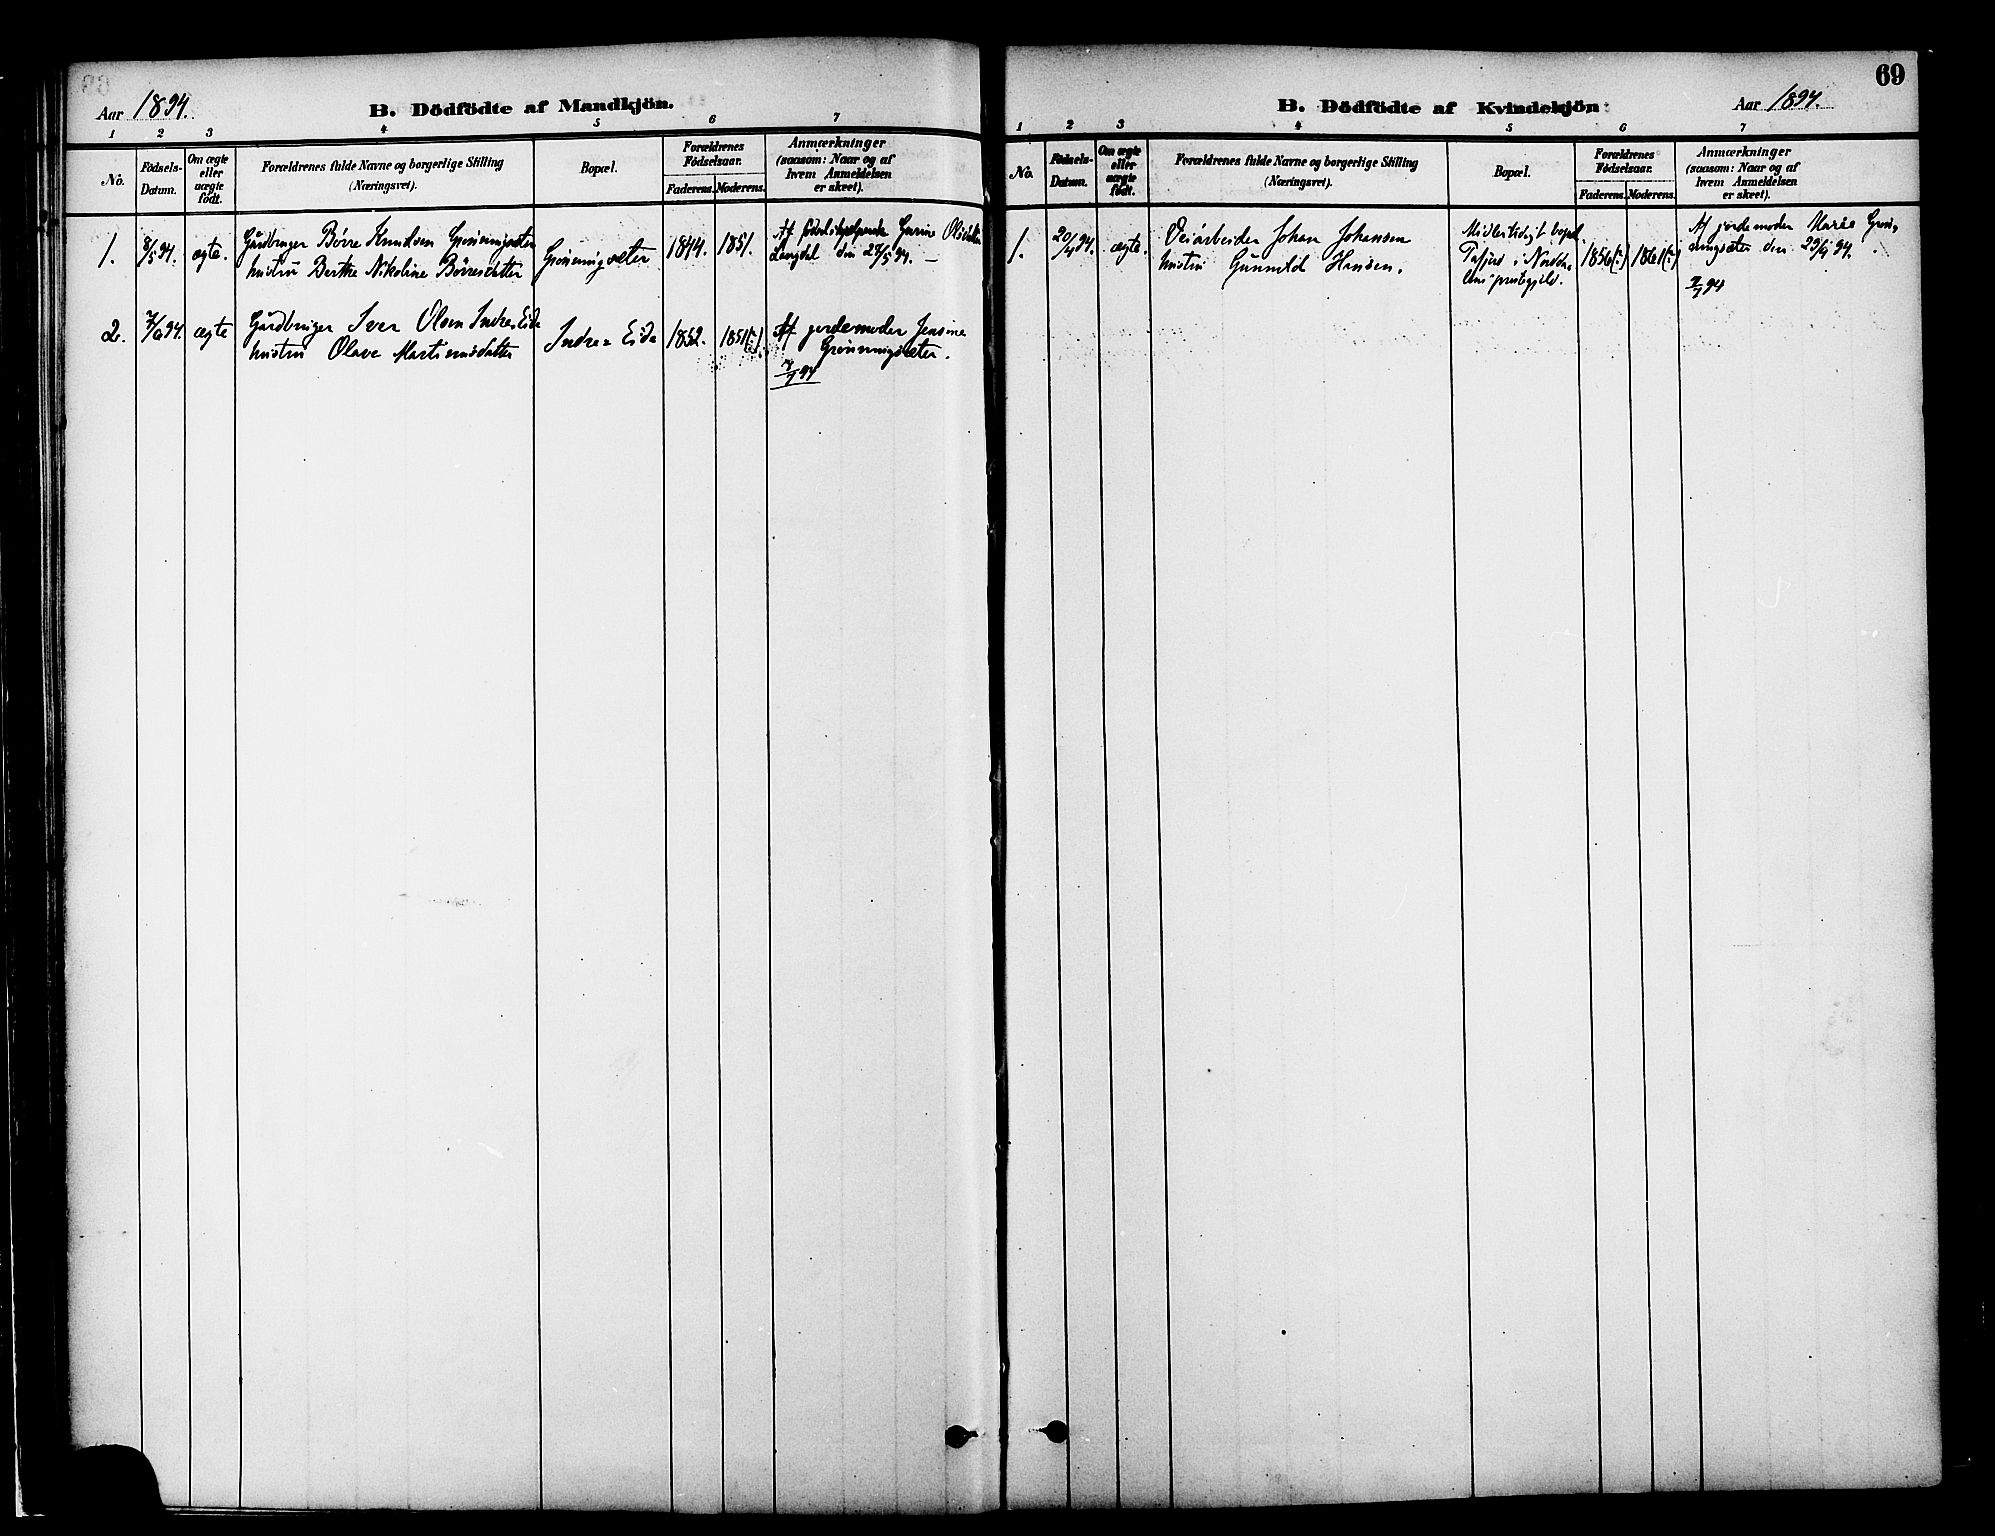 SAT, Ministerialprotokoller, klokkerbøker og fødselsregistre - Møre og Romsdal, 519/L0255: Ministerialbok nr. 519A14, 1884-1908, s. 69